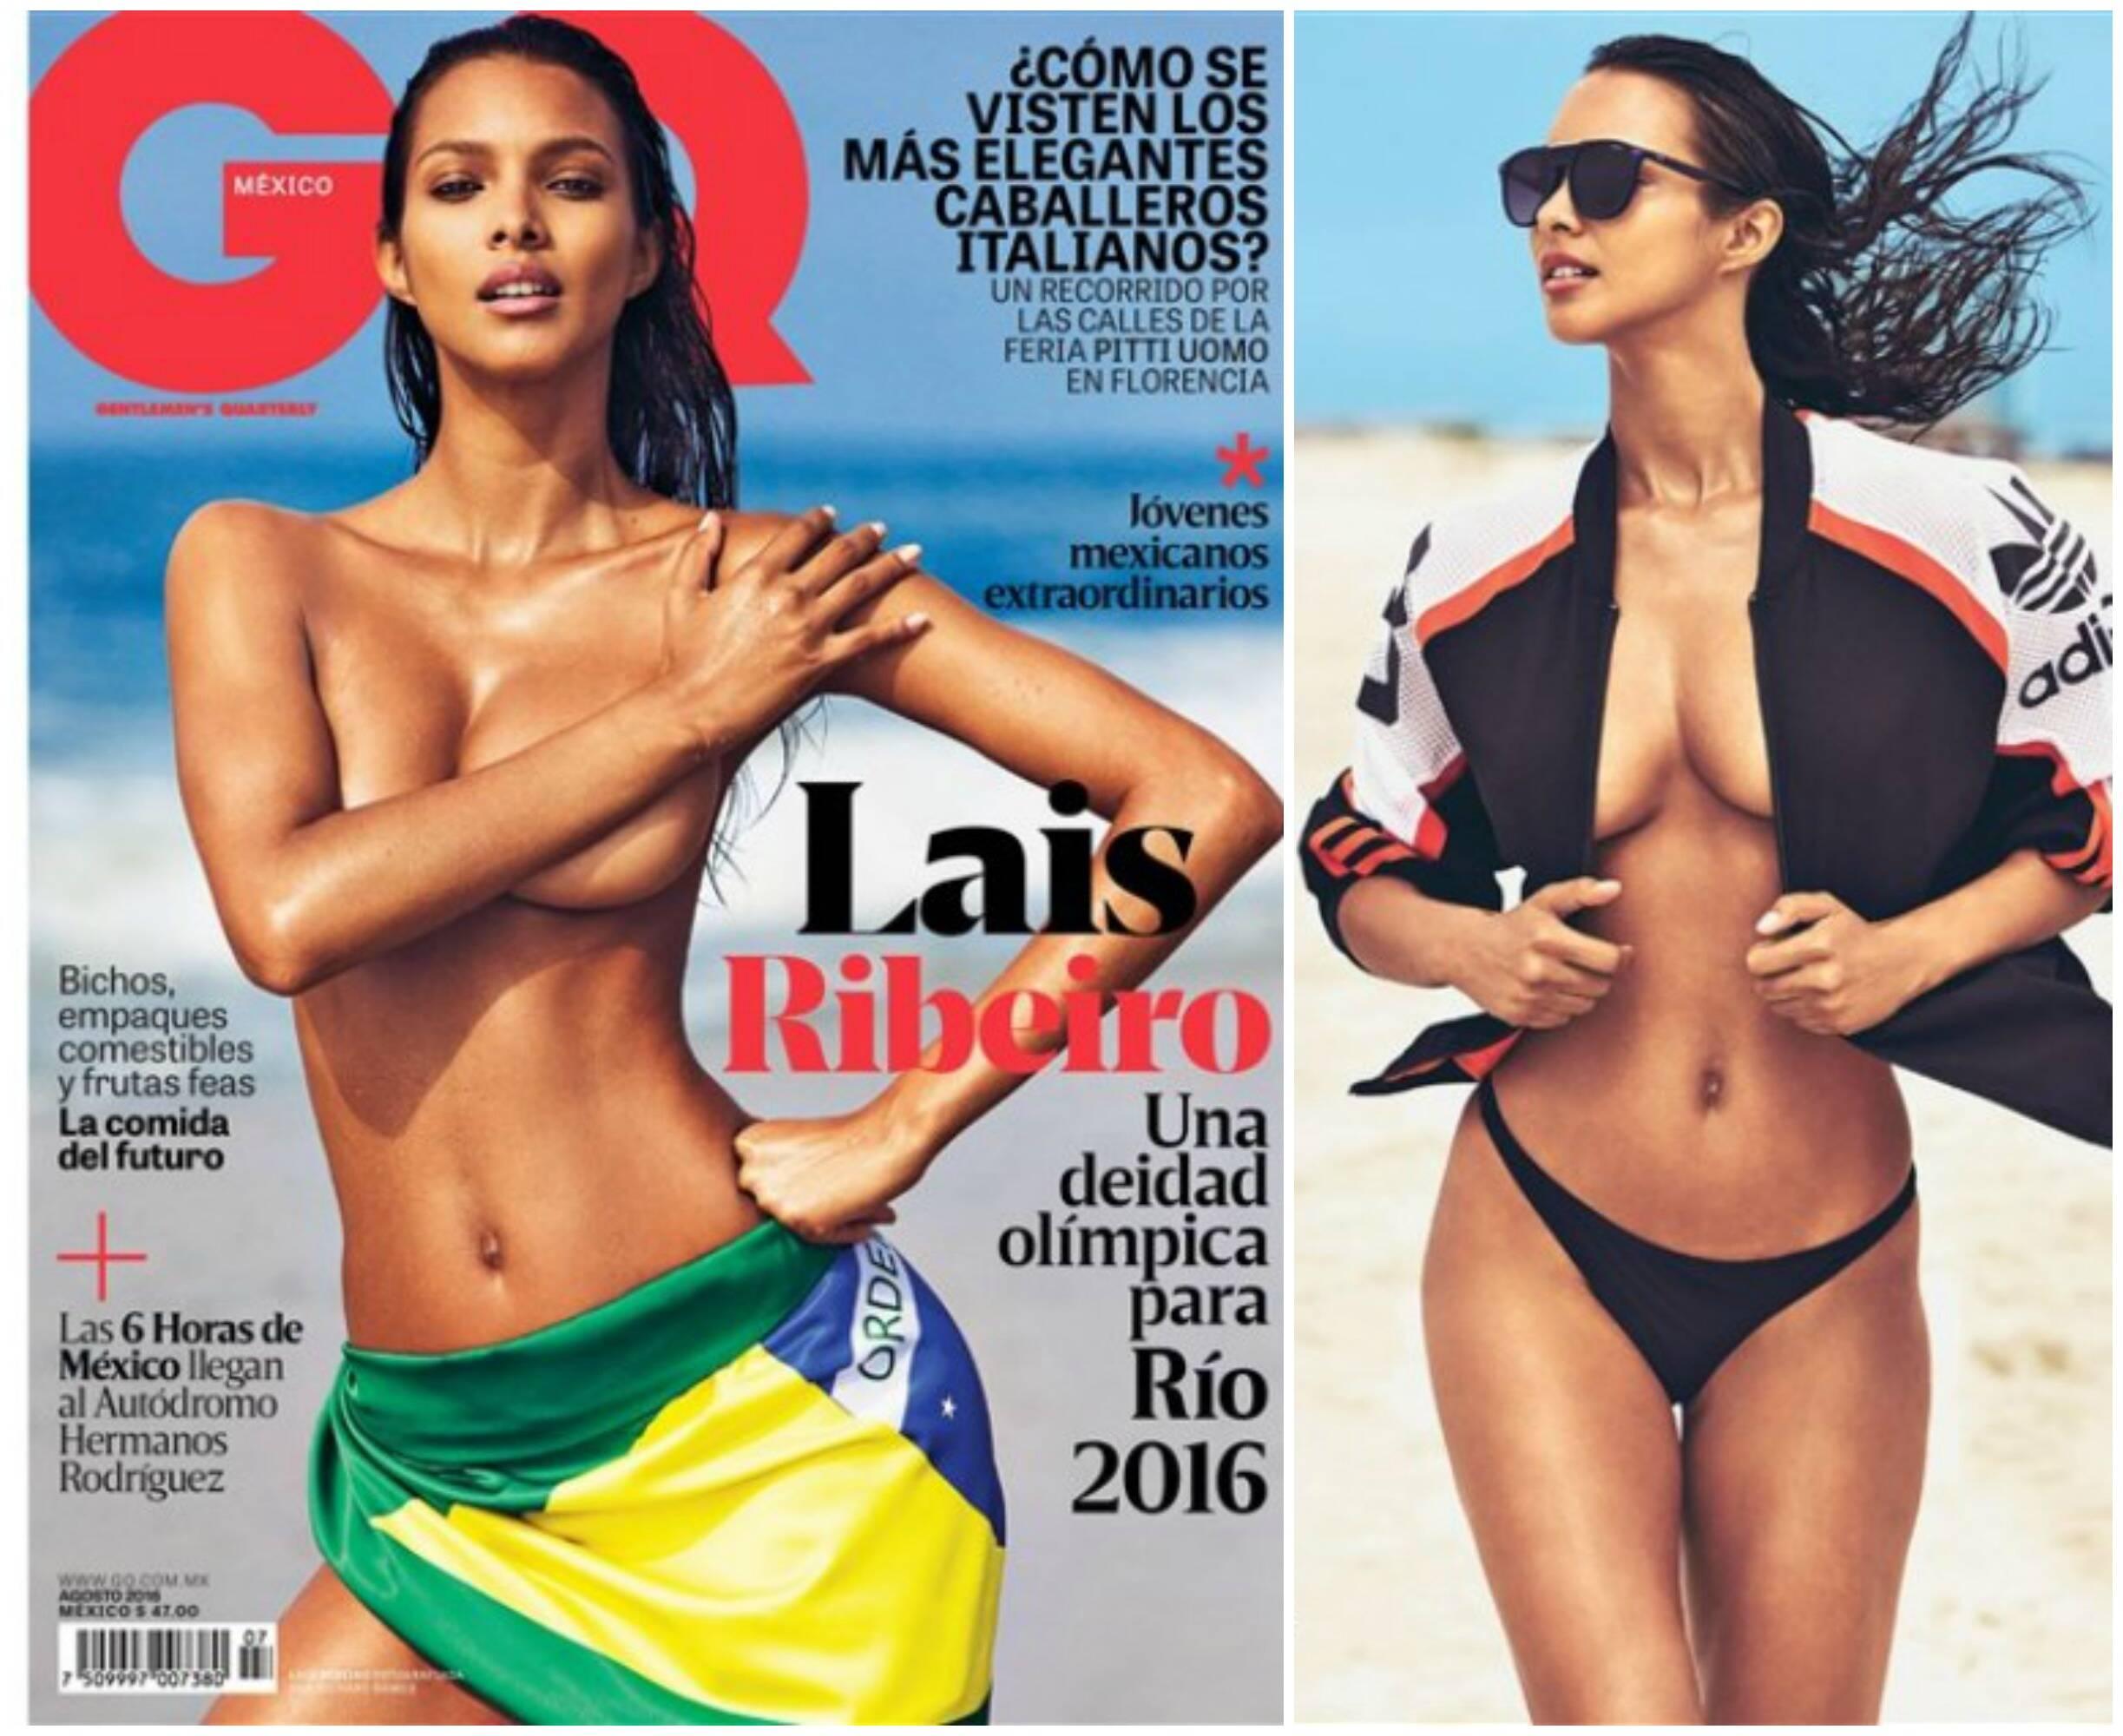 A modelo Laís Ribeiro é a capa e o recheio da edição mexicana da revista masculina GQ, dedicada às Olimpíadas do Rio / Fotos: divulgação